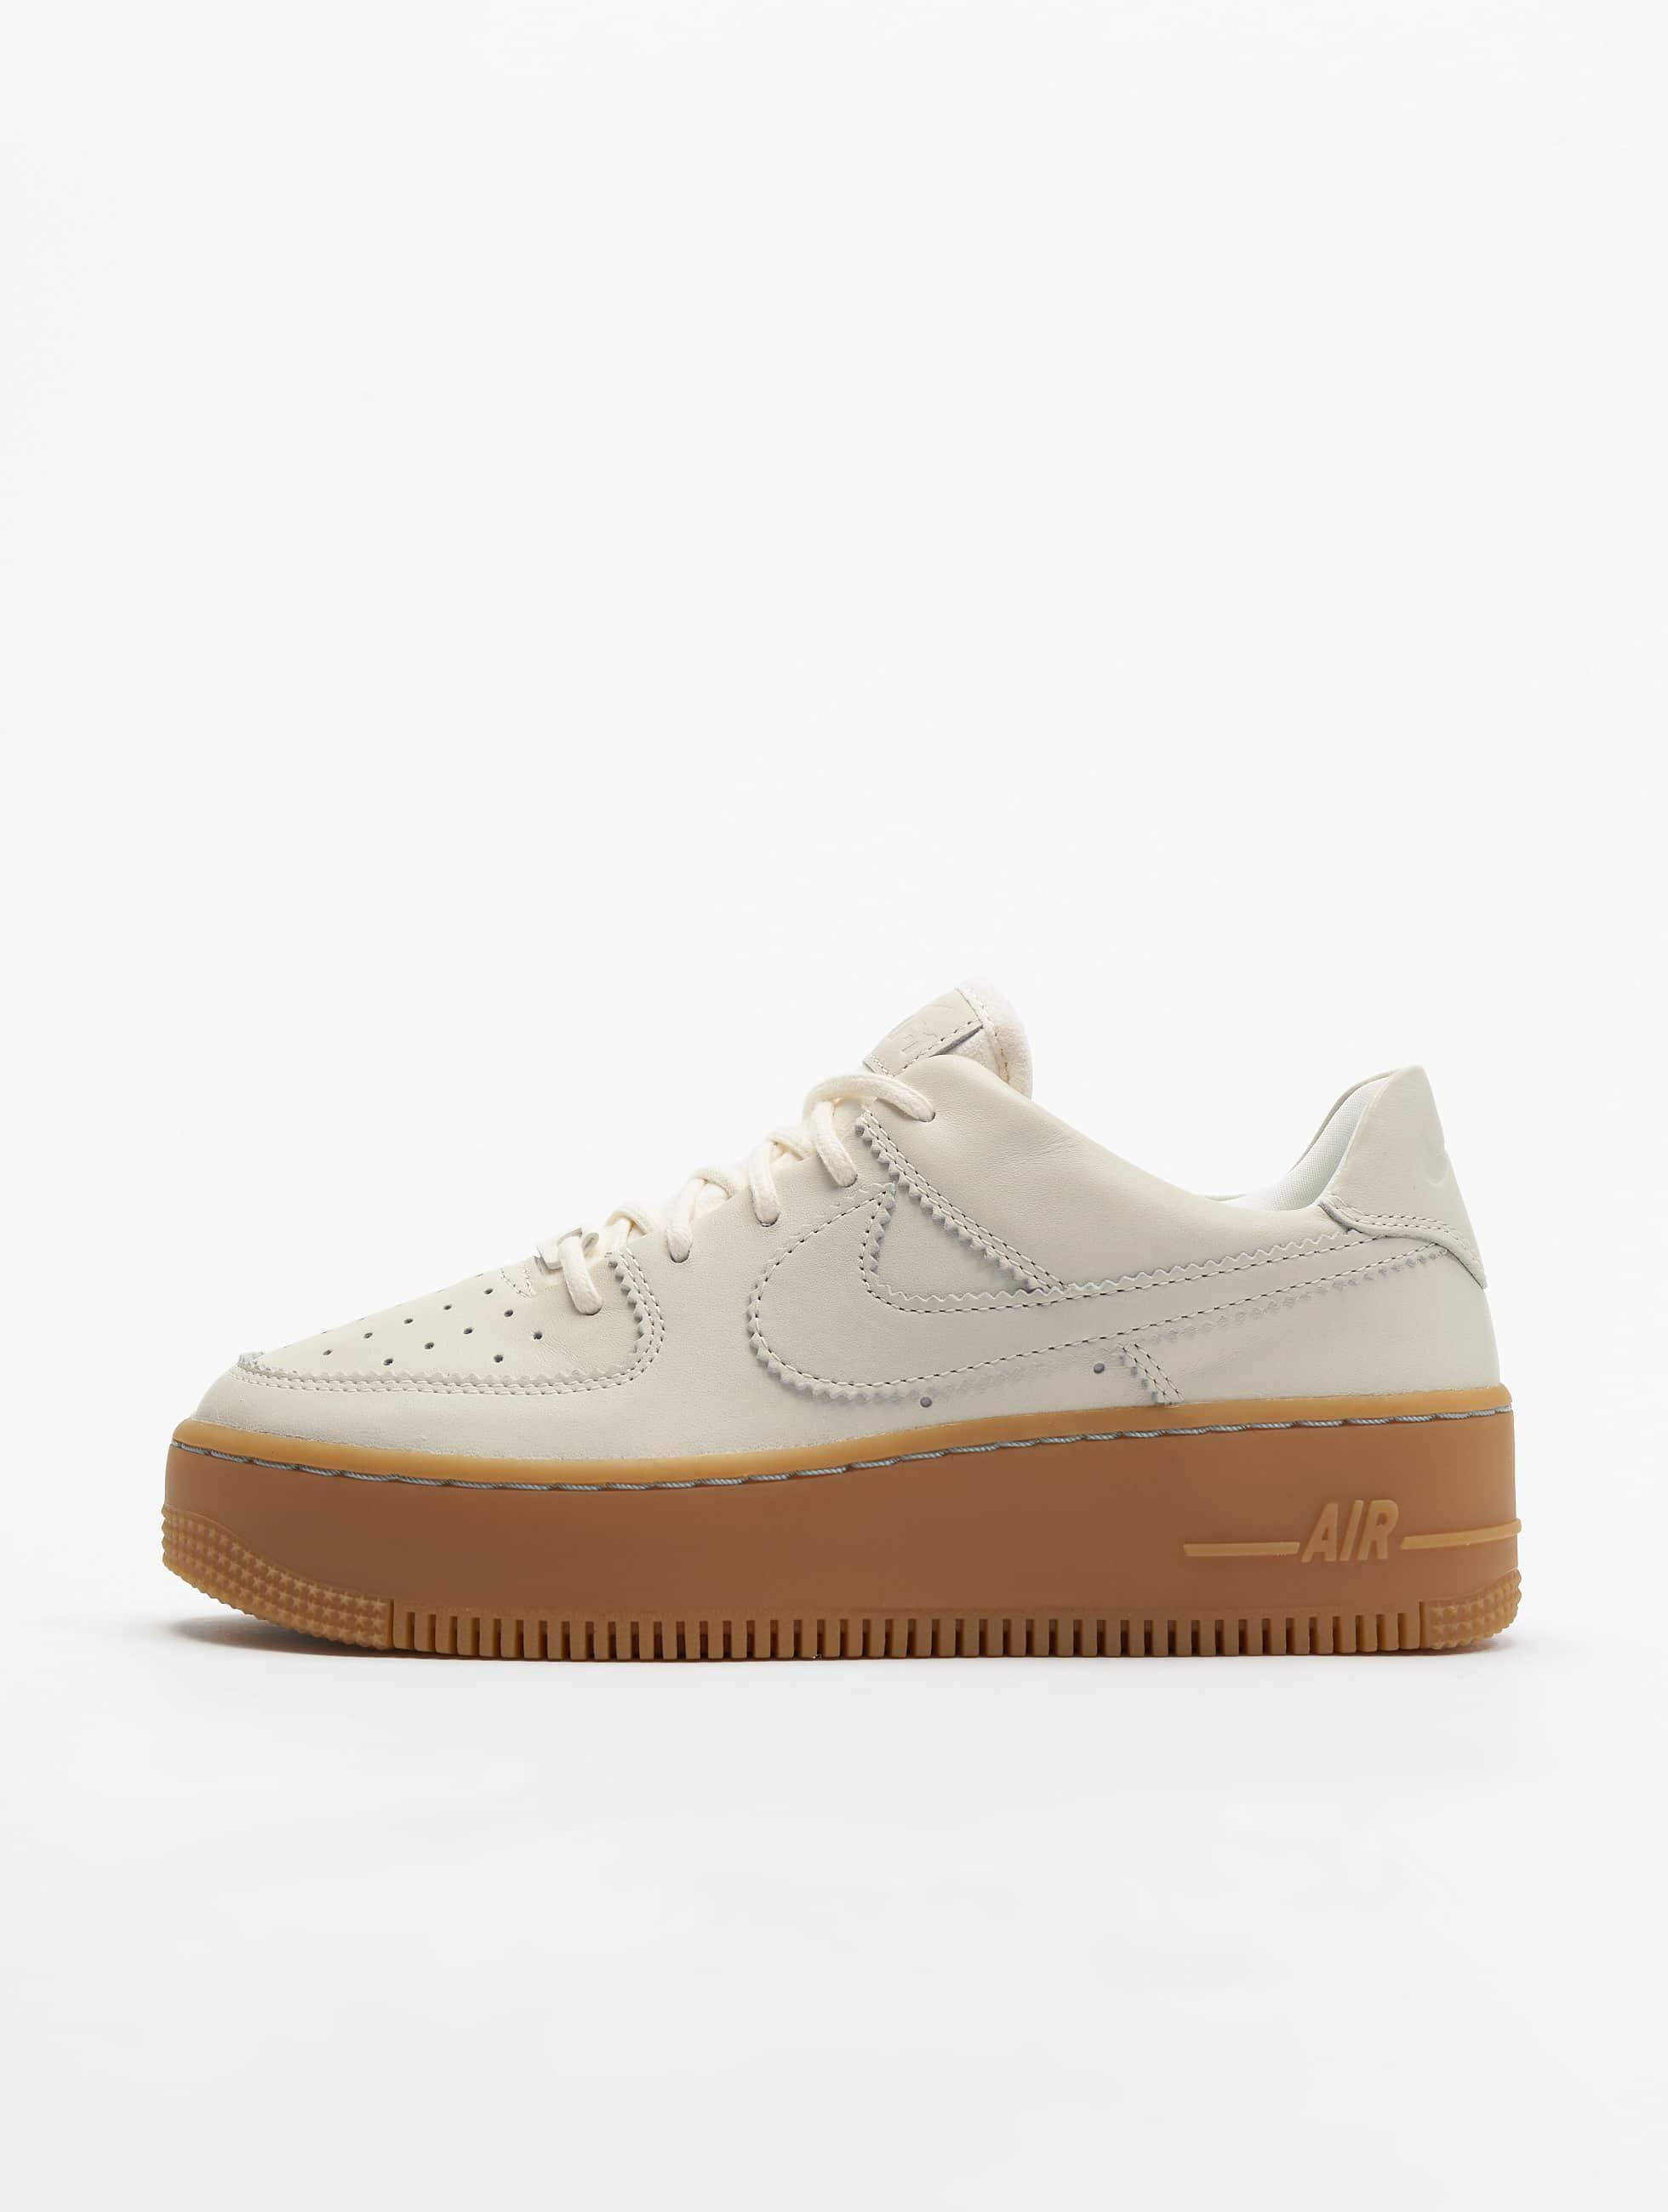 Nike AF1 Sage Low Lx Sneakers Pale IvoryPale IvoryGum Light Brown